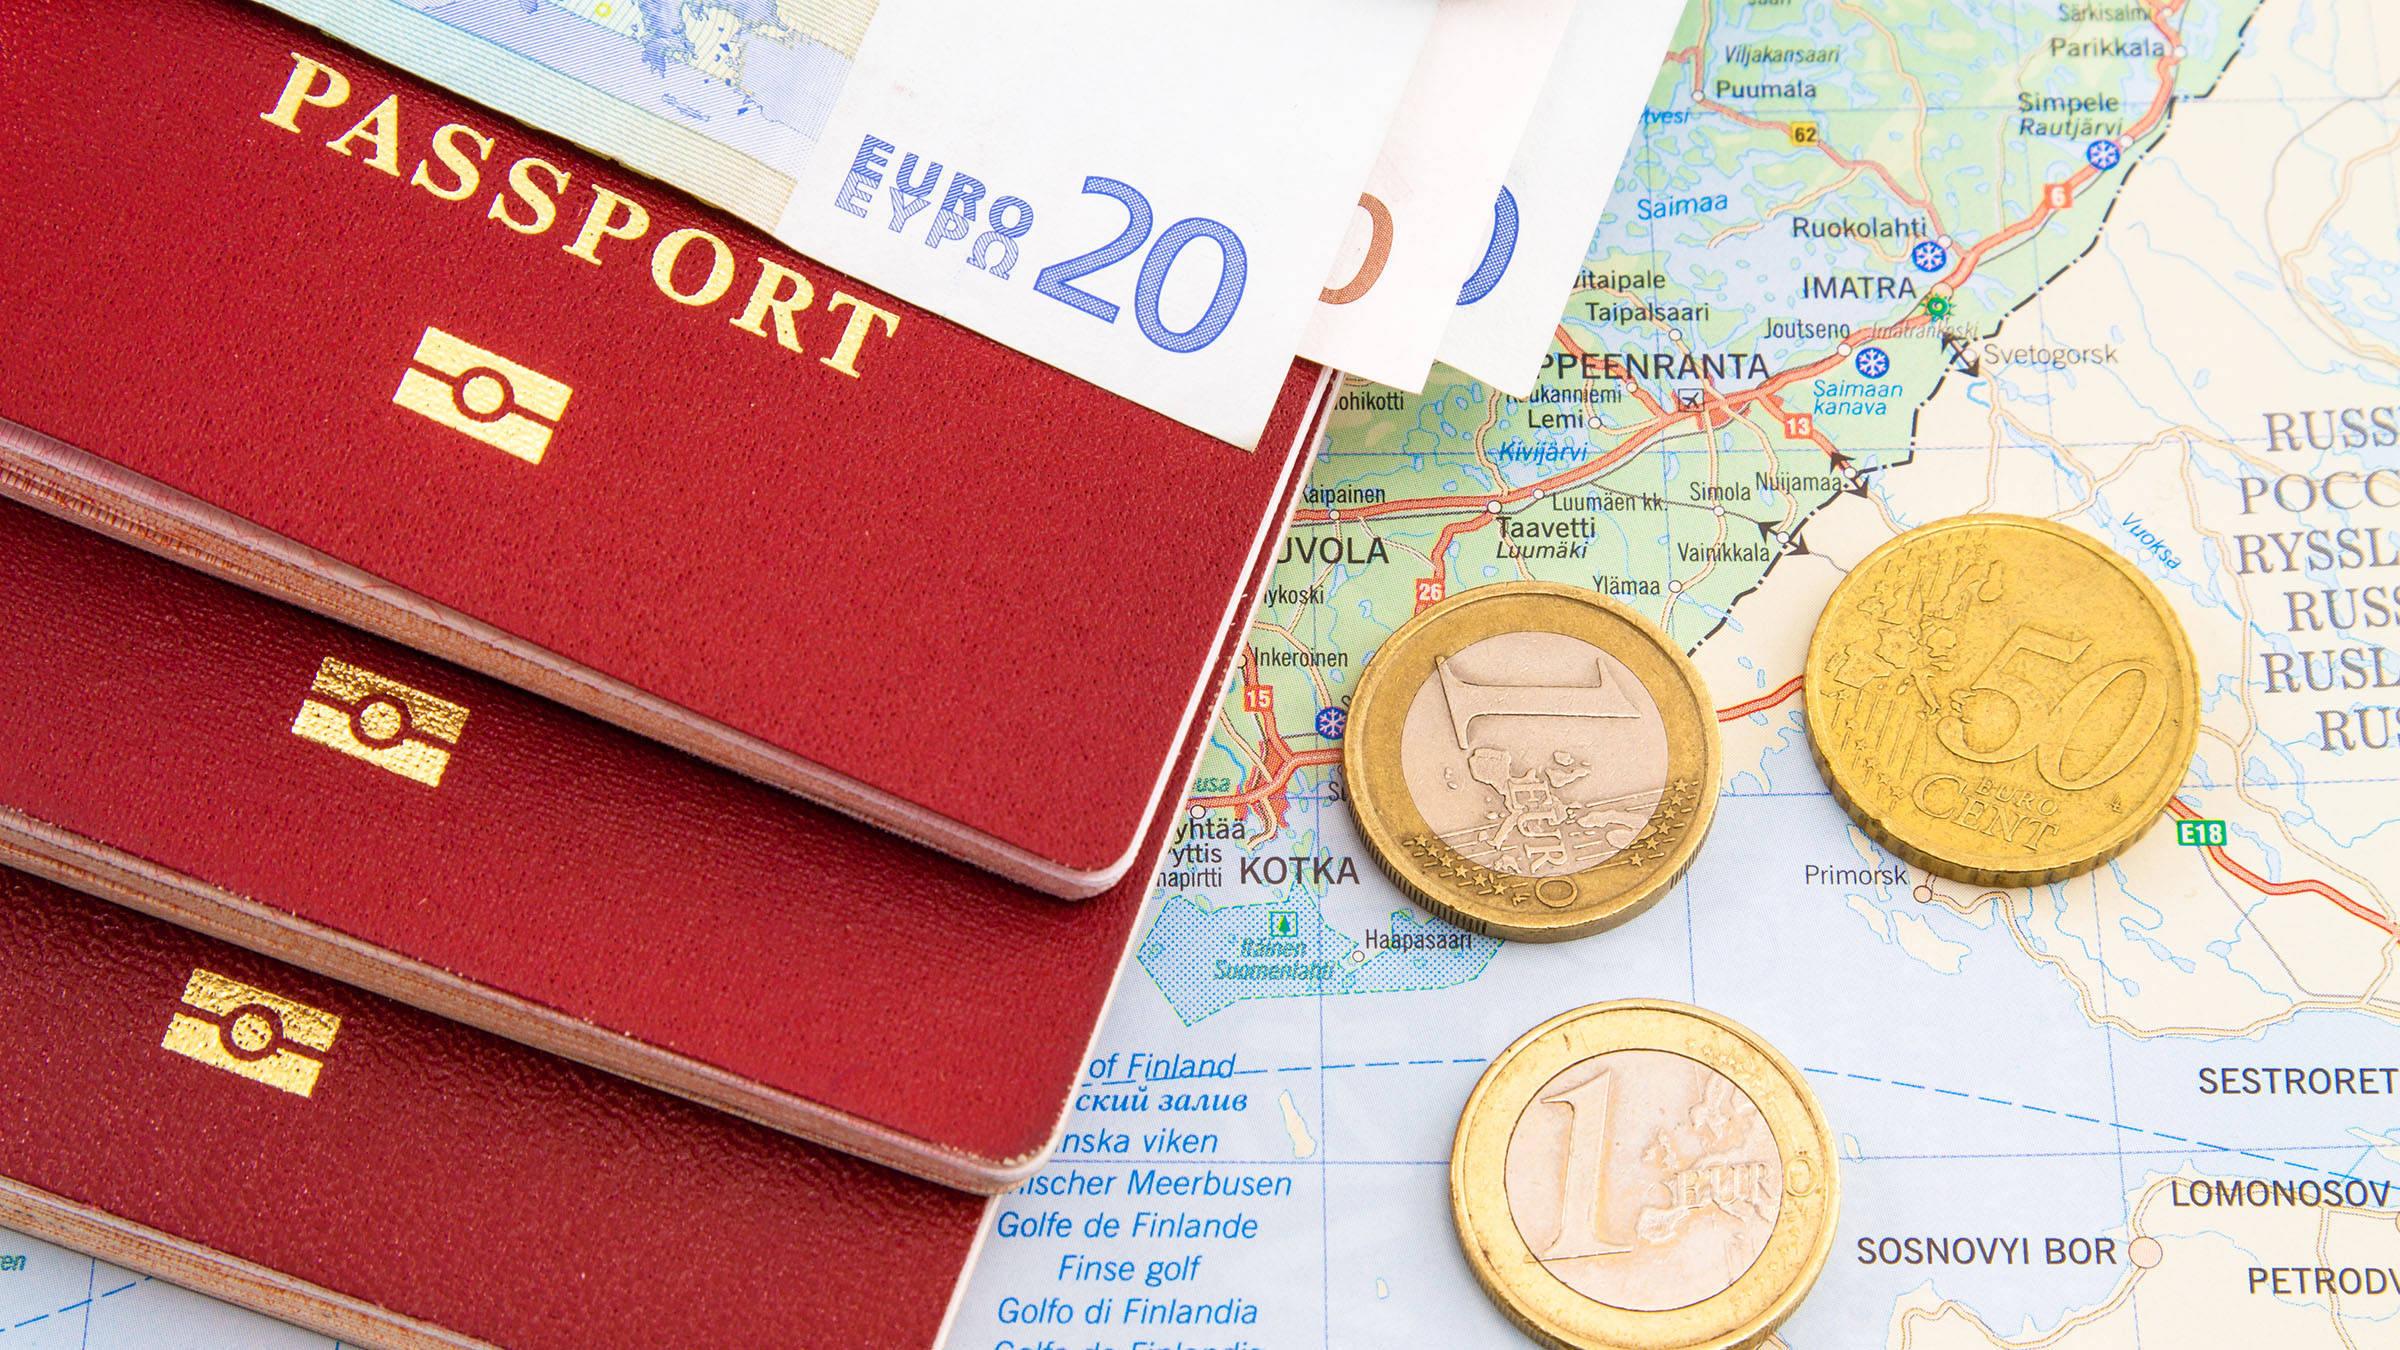 El trámite para solicitar el ETIAS se realizará vía online y tendrá un costo de siete euros.